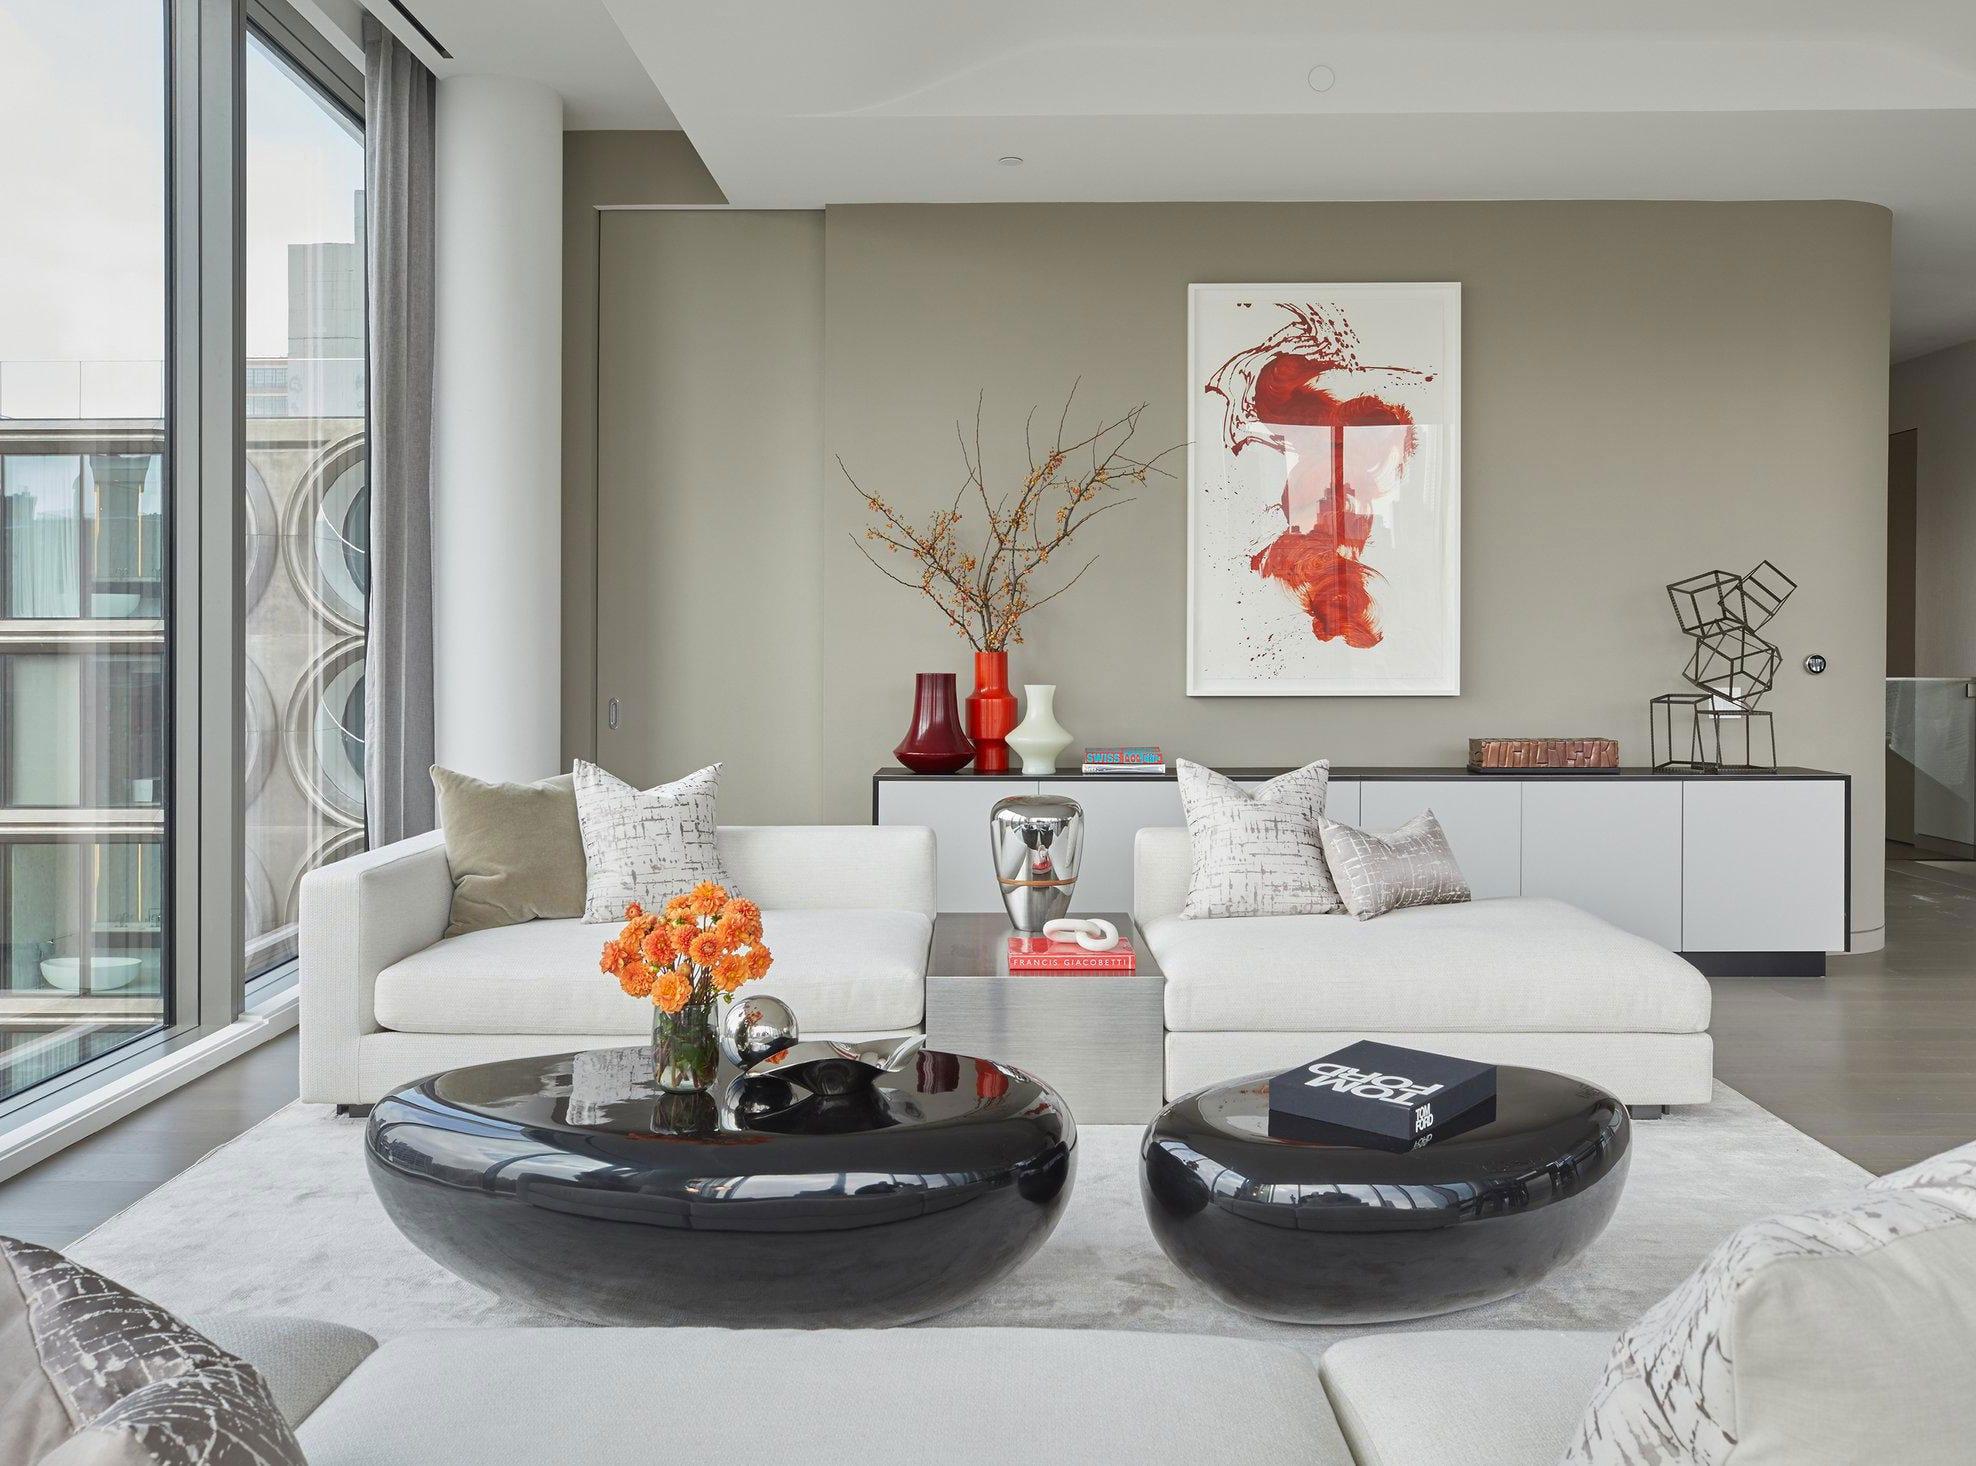 elegante raumgestaltung mit roten farbakzenten und kuscheligen sofas mit gerundeten couchtischen schwarz fürs wohnzimmer in weiß und beige